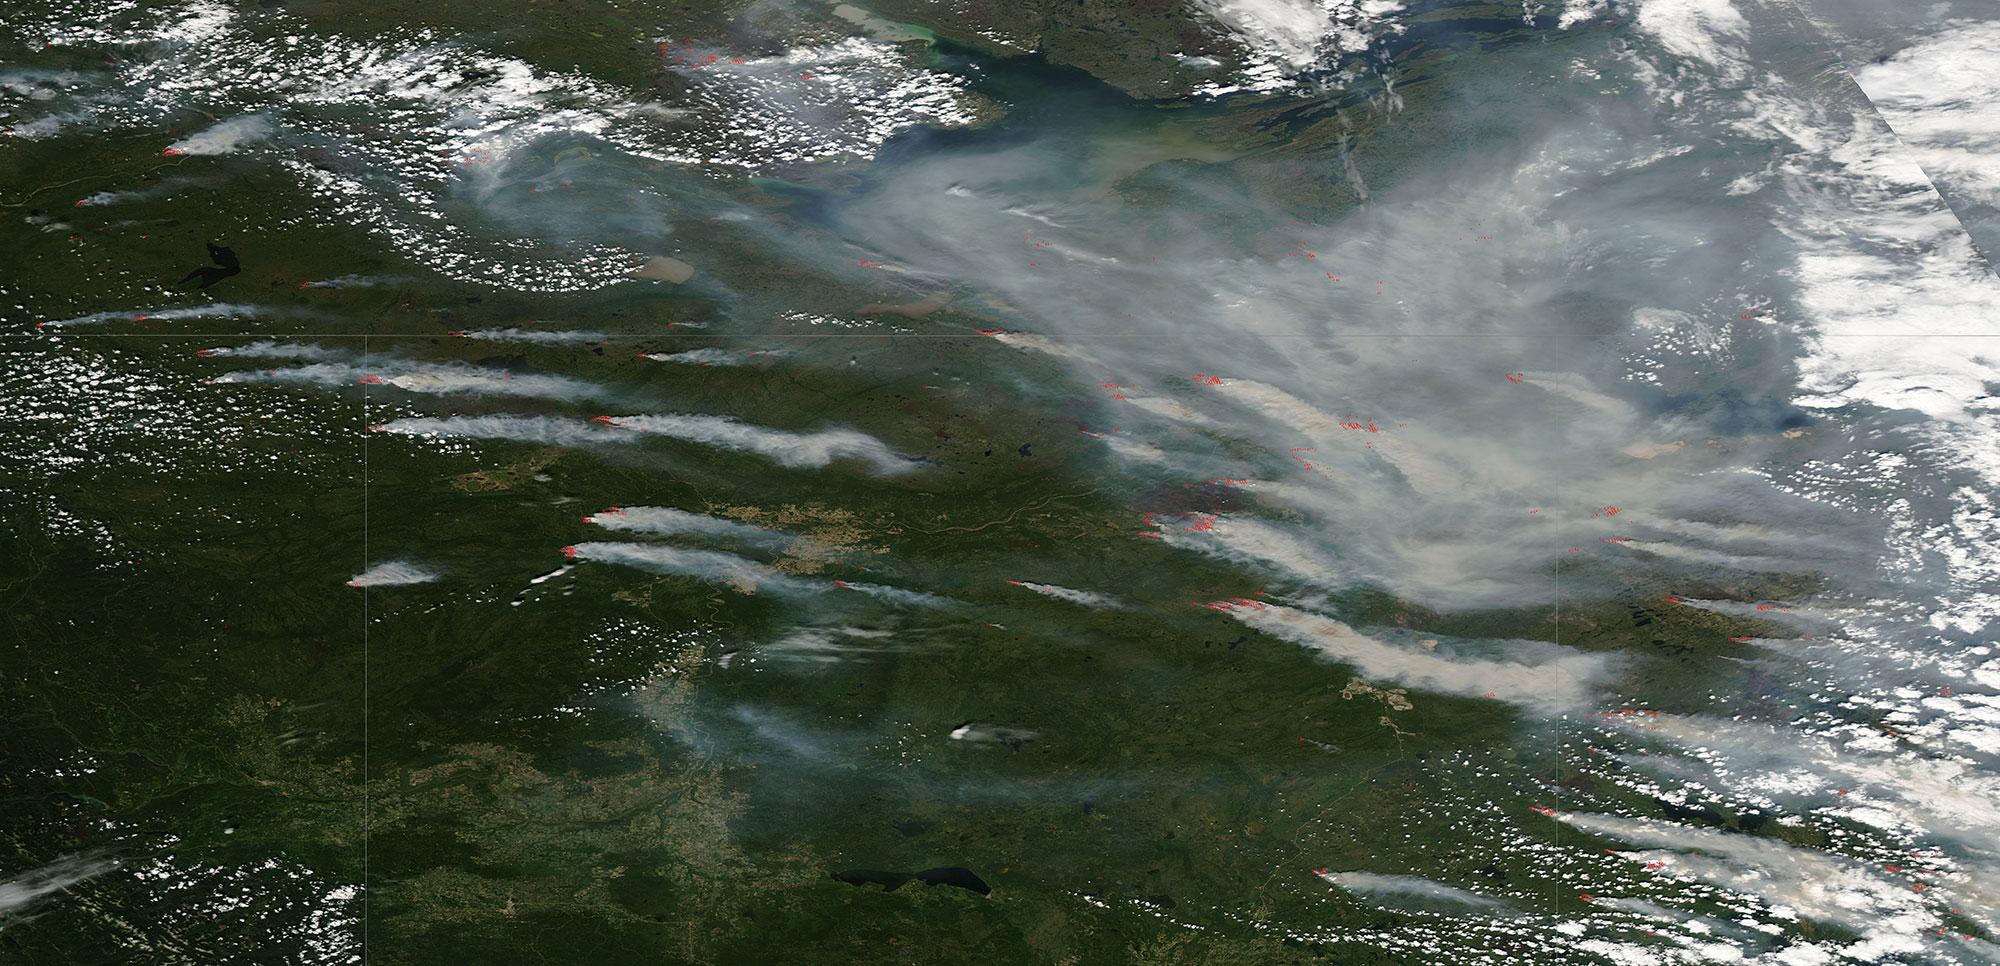 Northern Canada Fires 28 June 2015 Aqua, borders